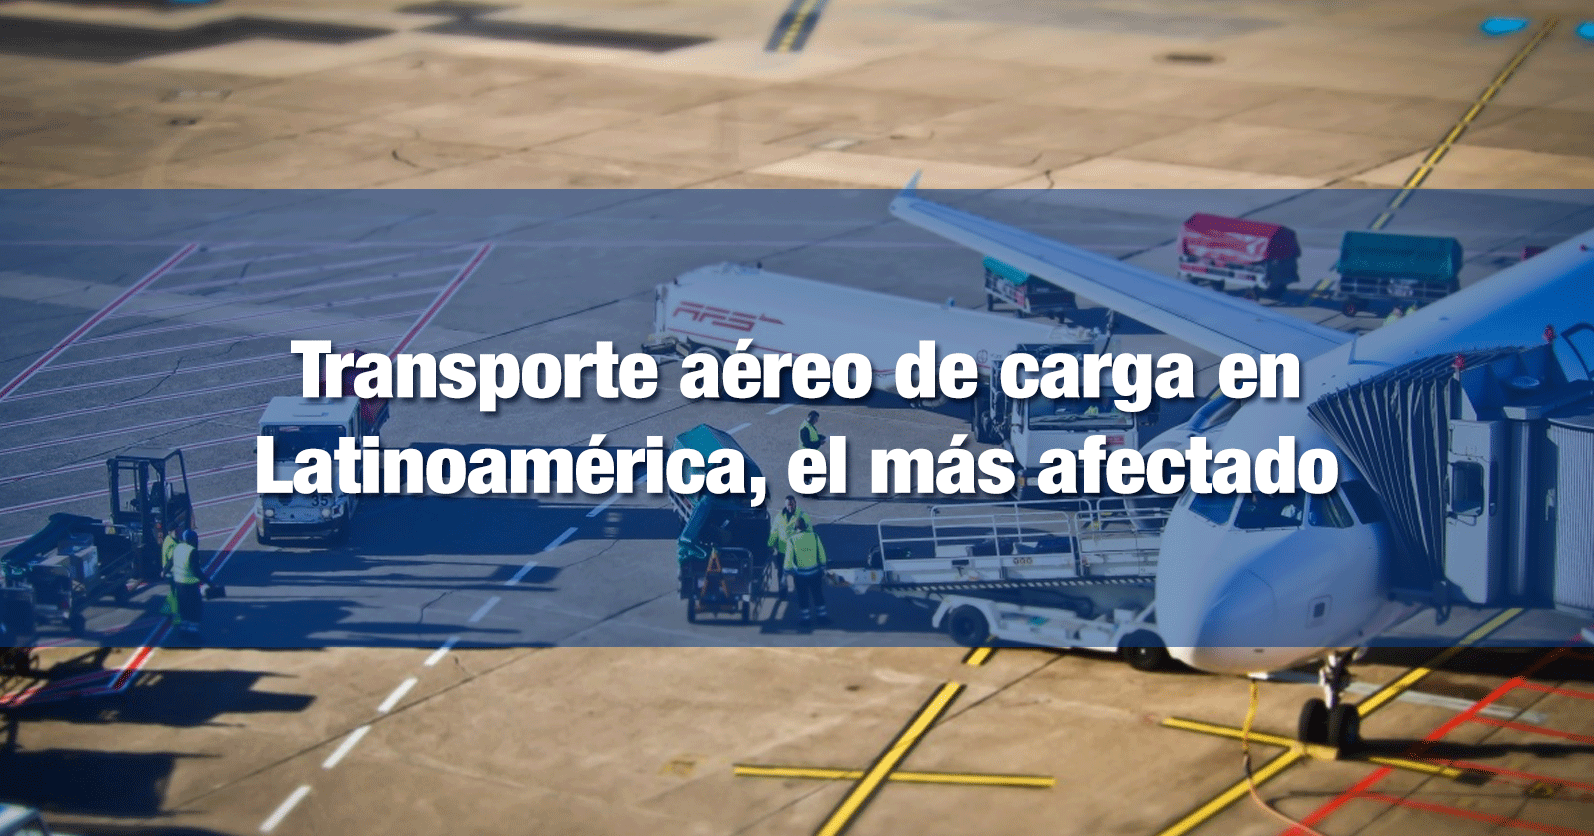 Transporte aéreo de carga en Latinoamérica, el más afectado